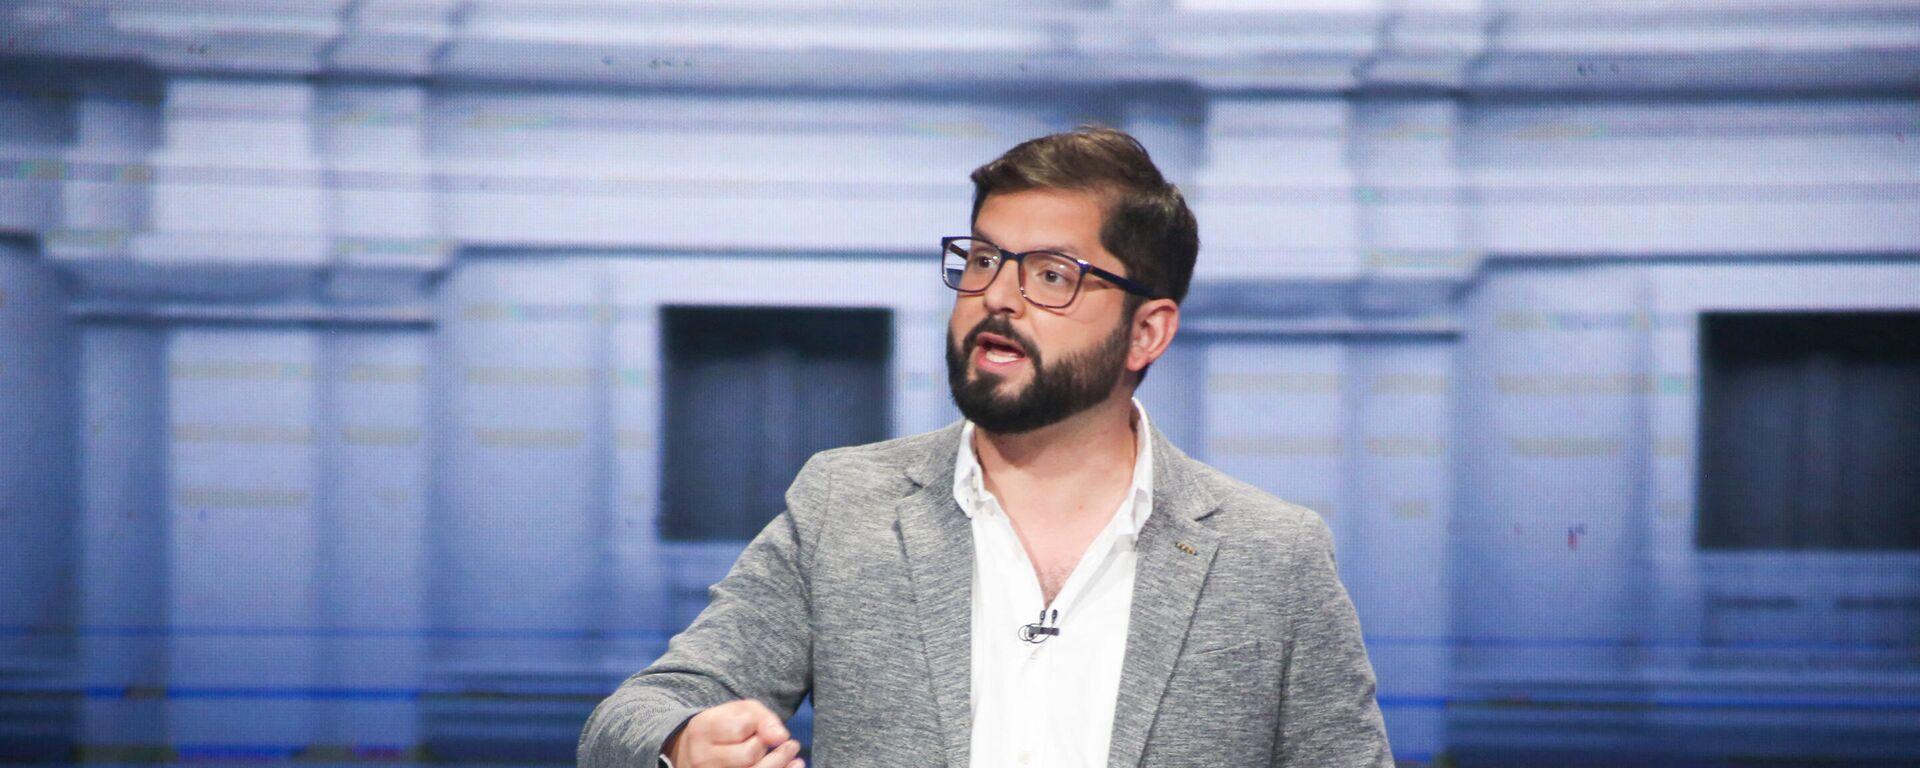 Gabriel Boric, candidato a presidente de Chile - Sputnik Mundo, 1920, 12.10.2021